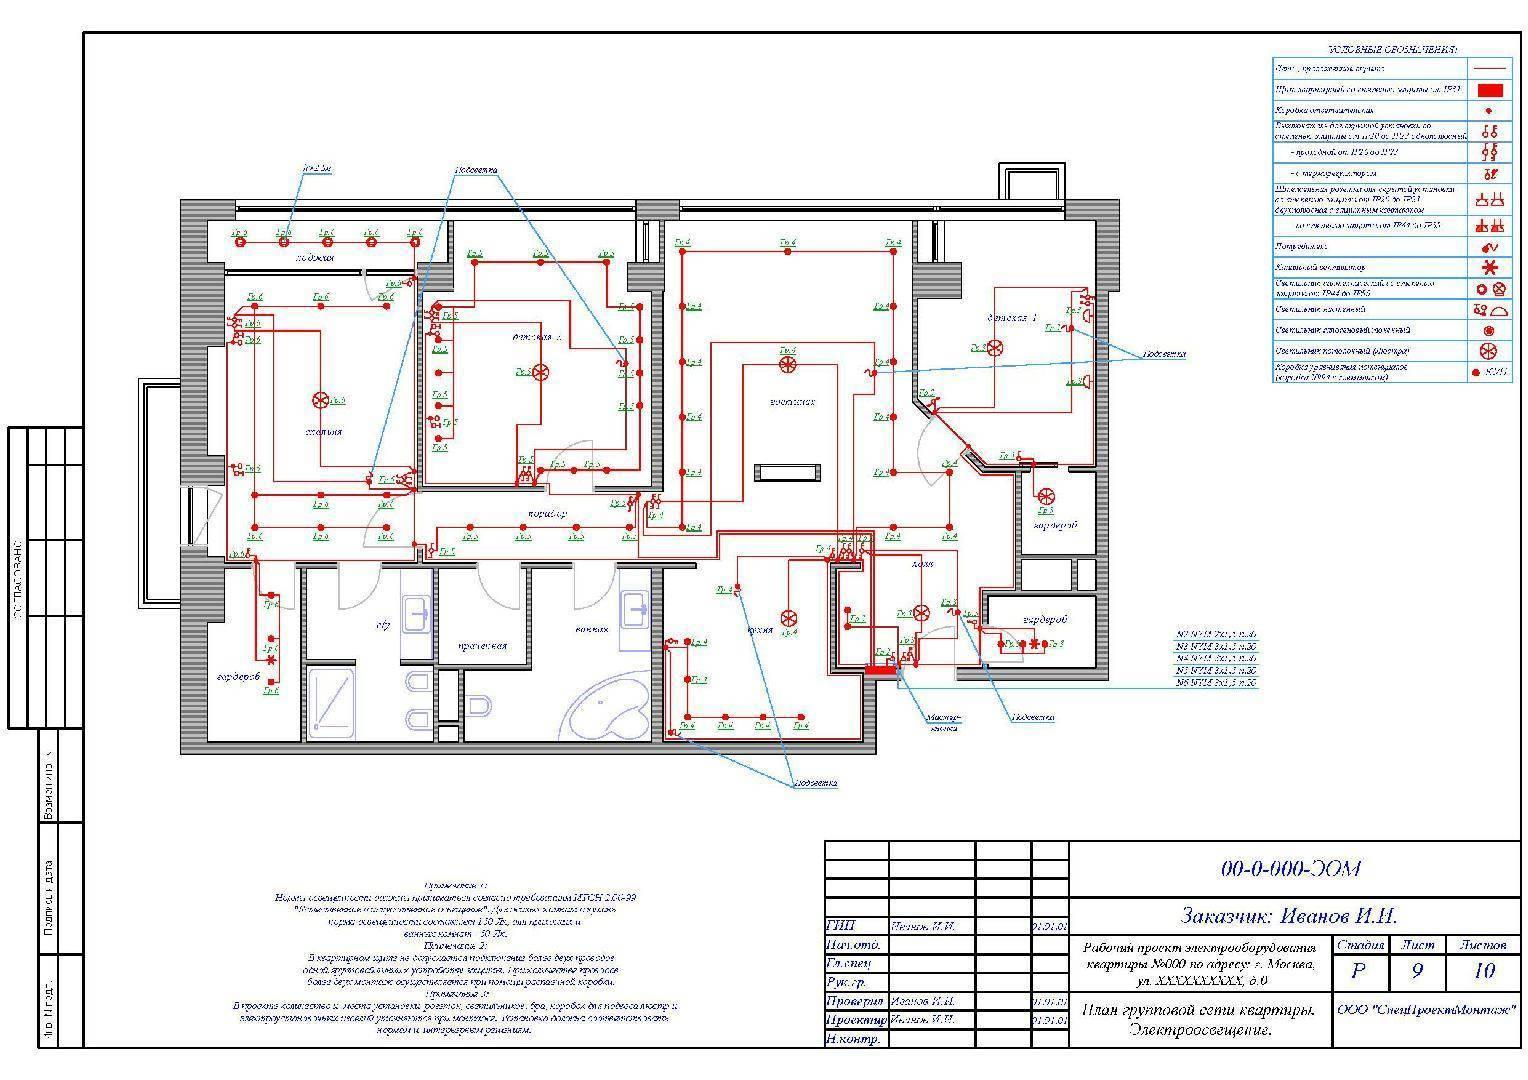 Об особенностях разработки электропроектов для новых квартир и домов